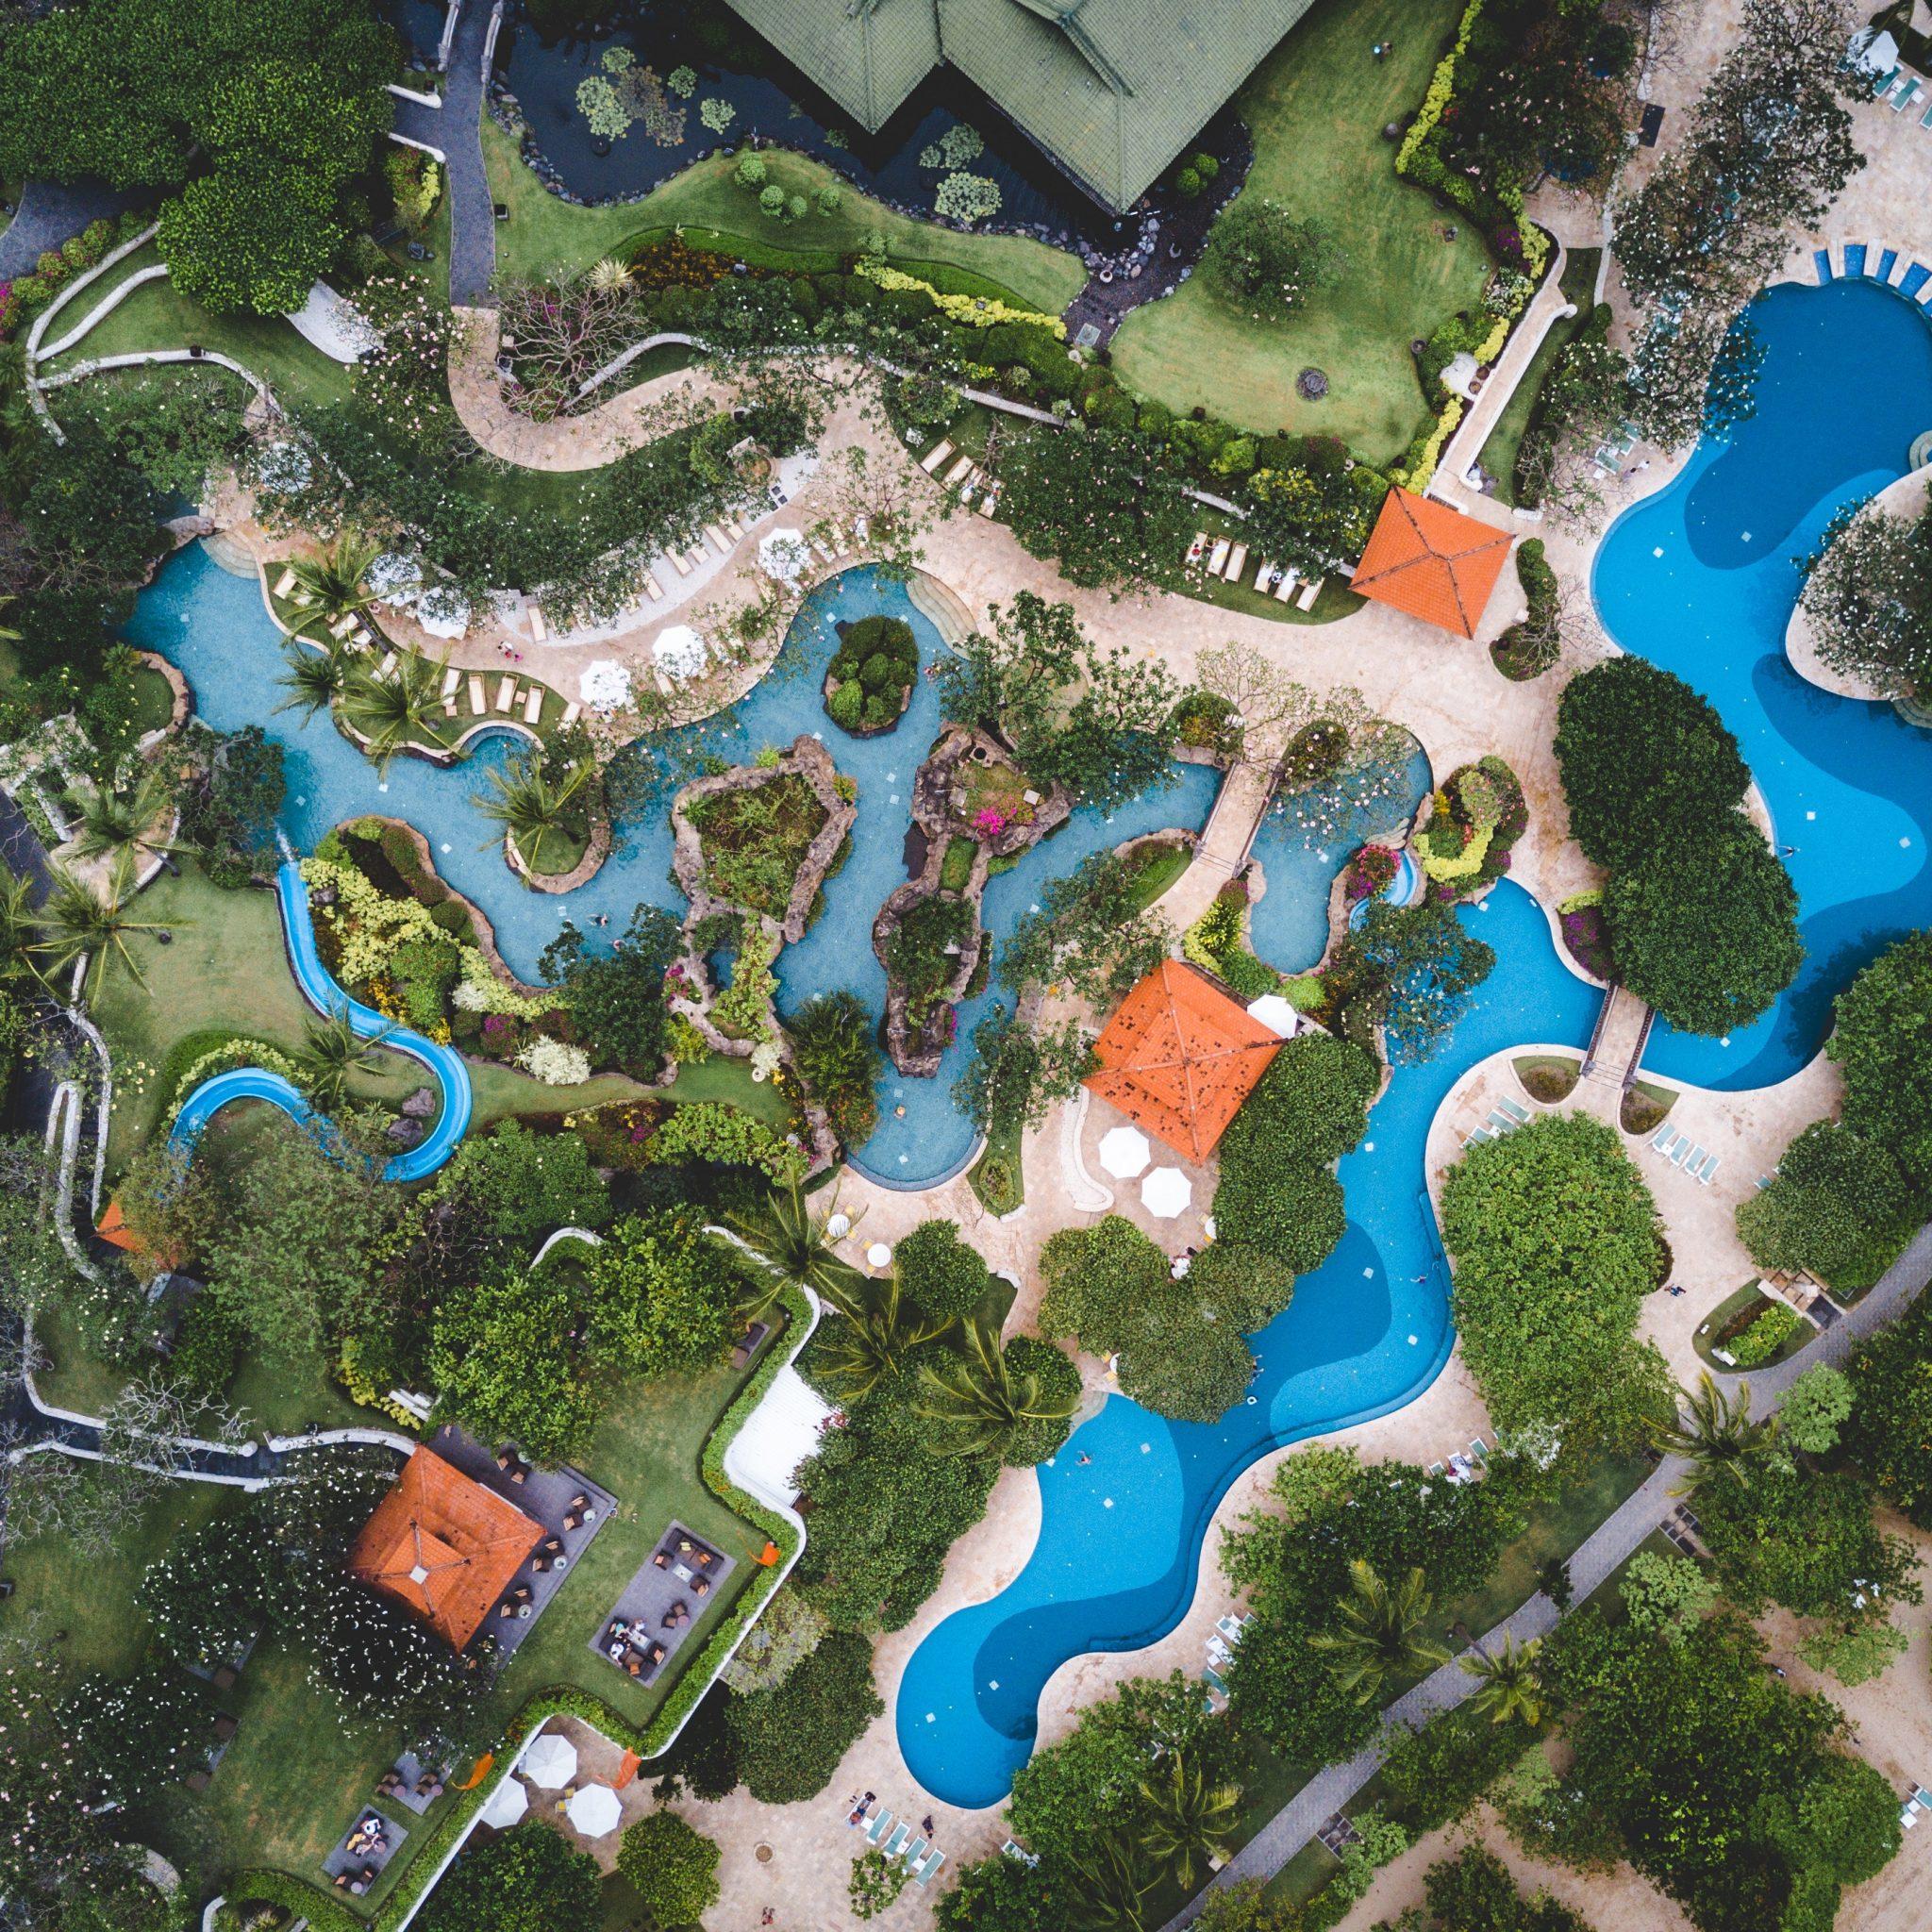 Cancún is often described as a textbook example of environmentally-destructive Big Tourism.